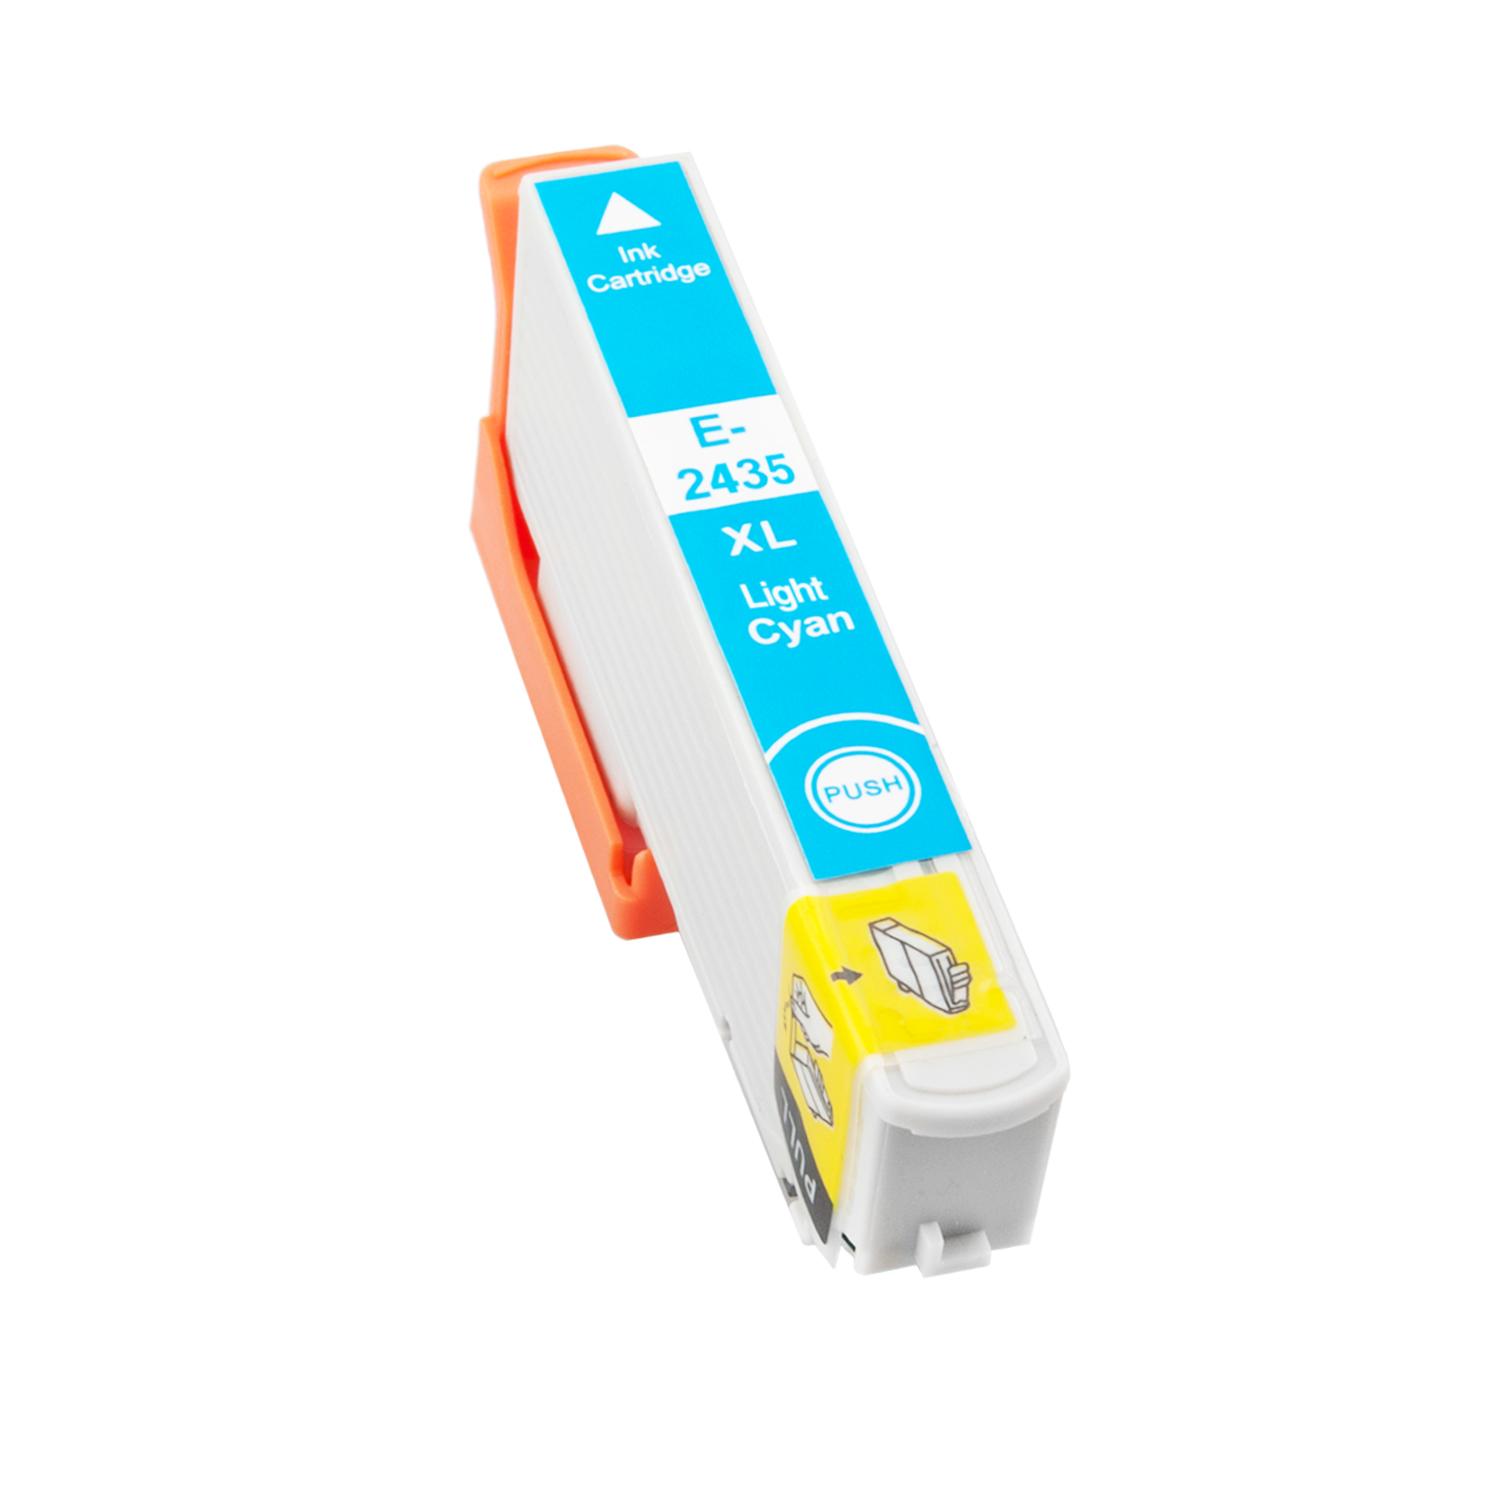 Druckerpatrone XXL ProSerie kompatibel zu Epson T2435 light cyan 24XL